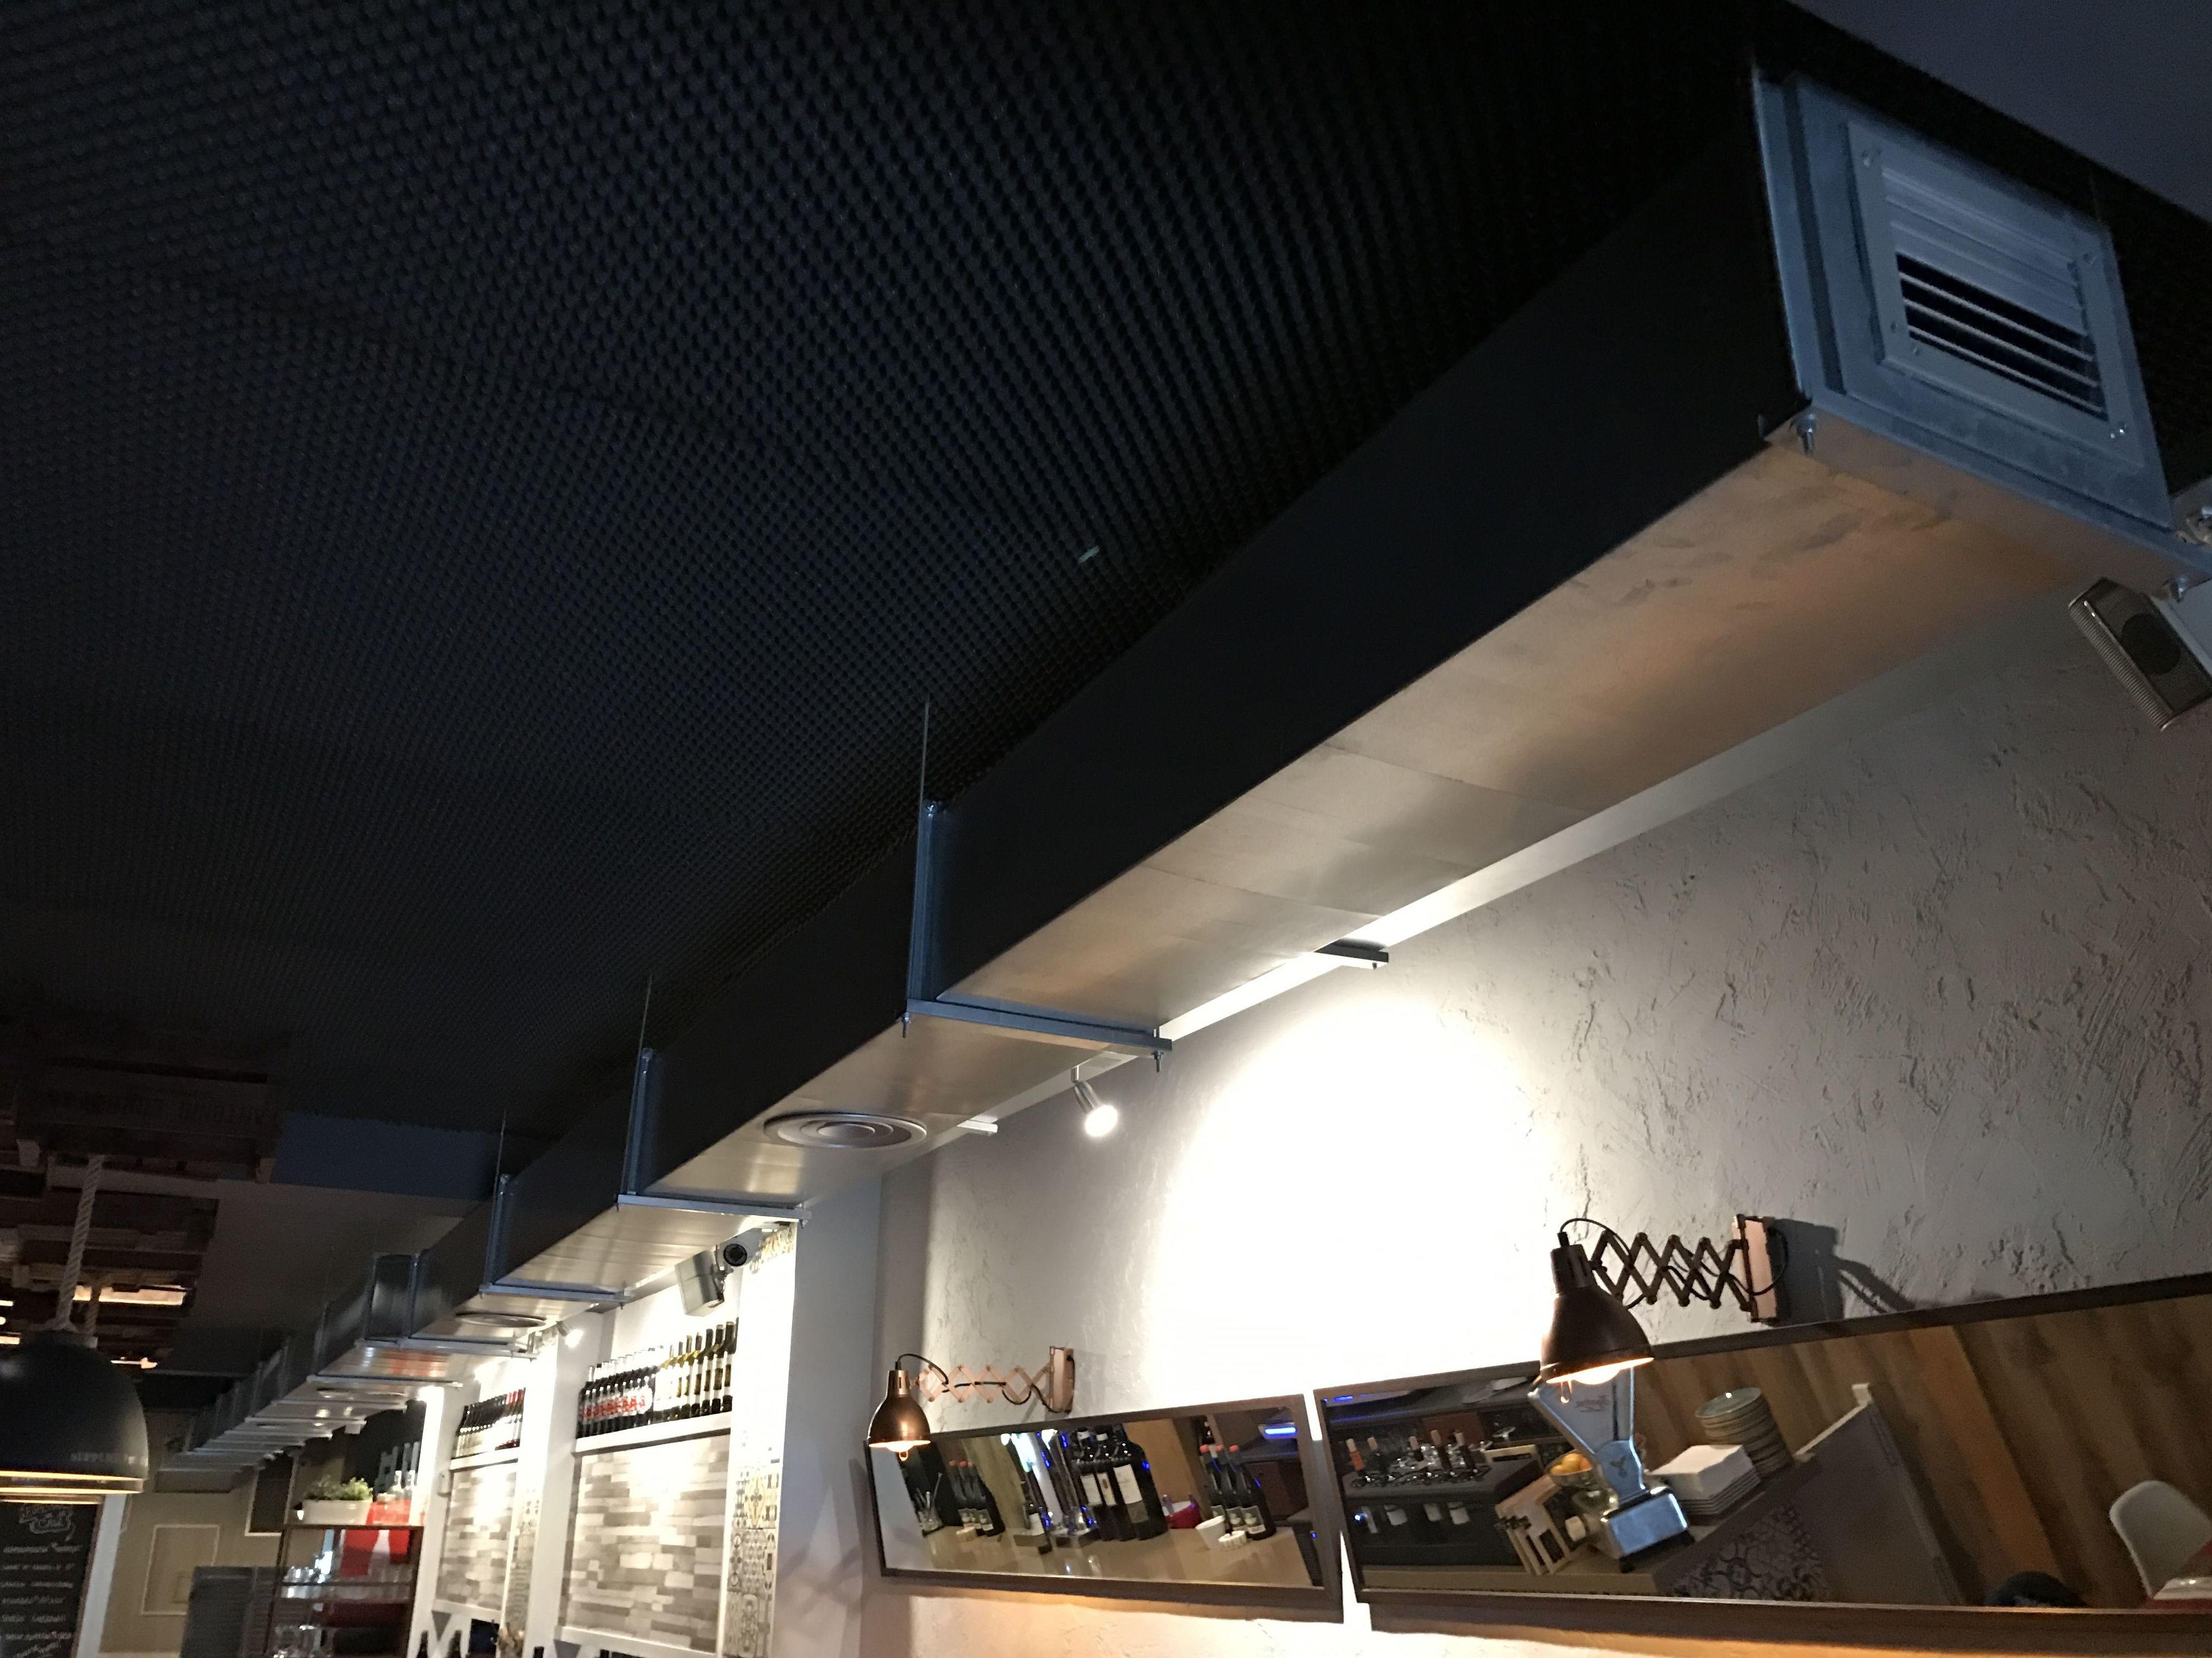 Instalación de equipos de frío en restaurante